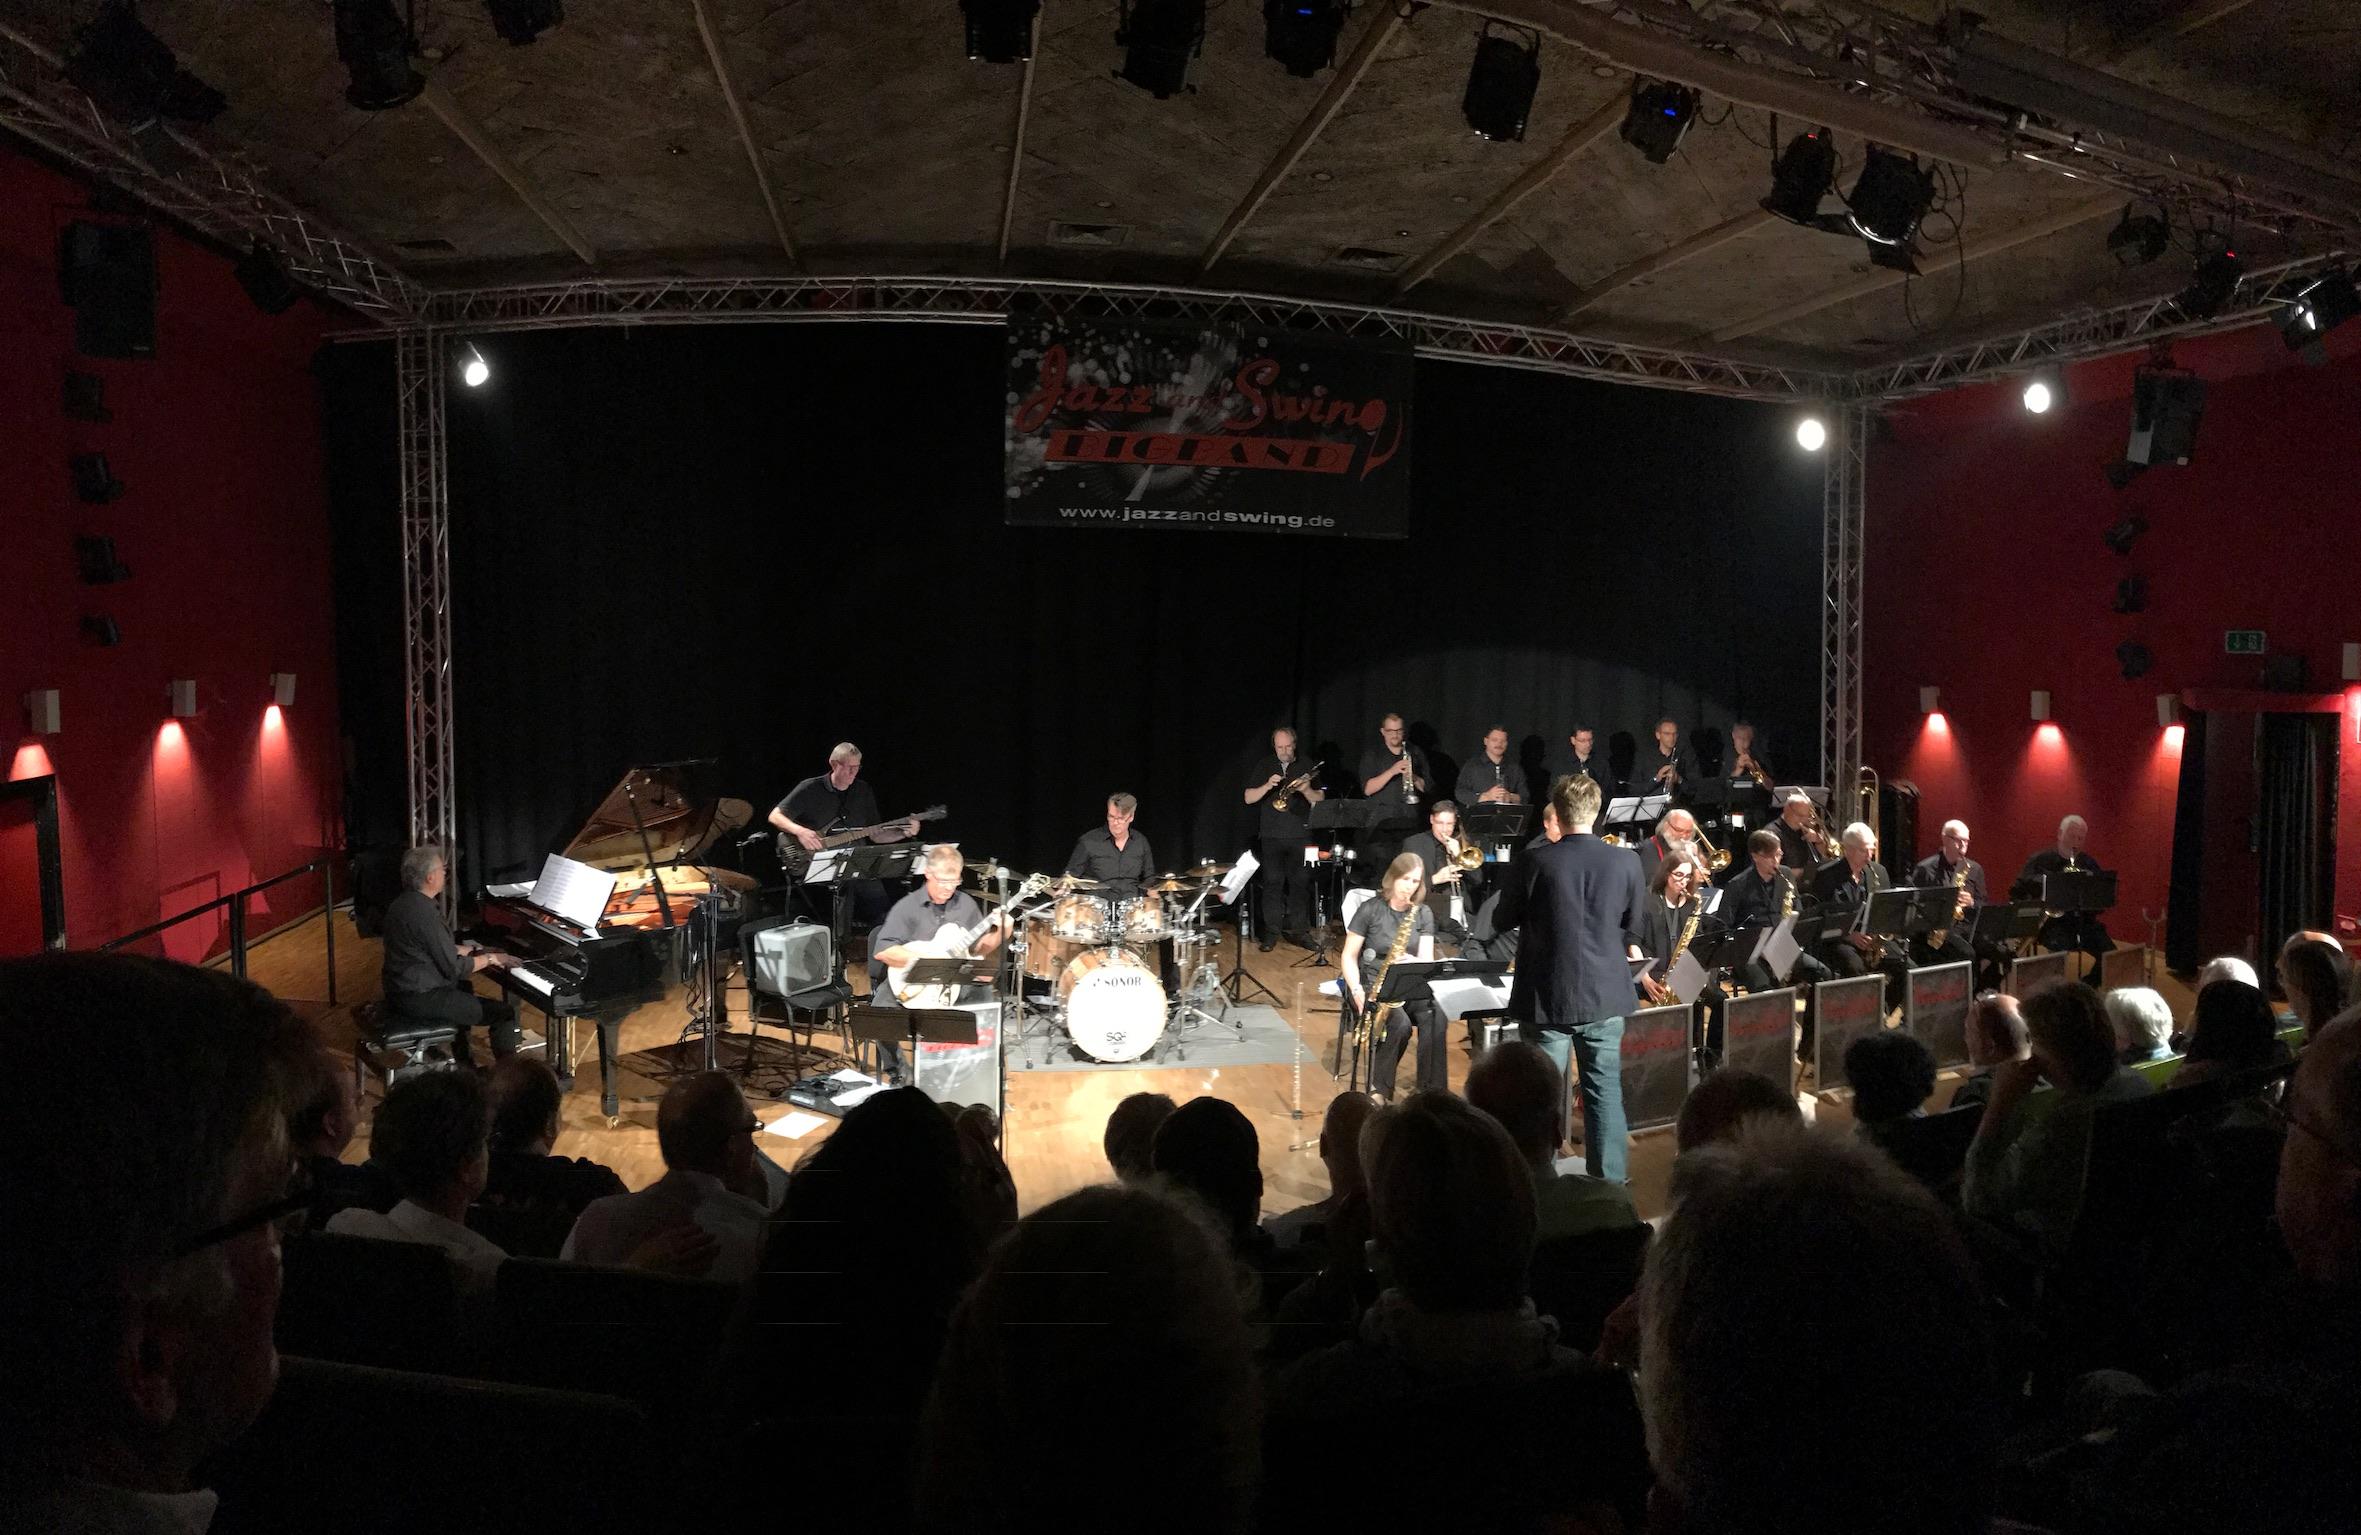 jazz and swing esslingen